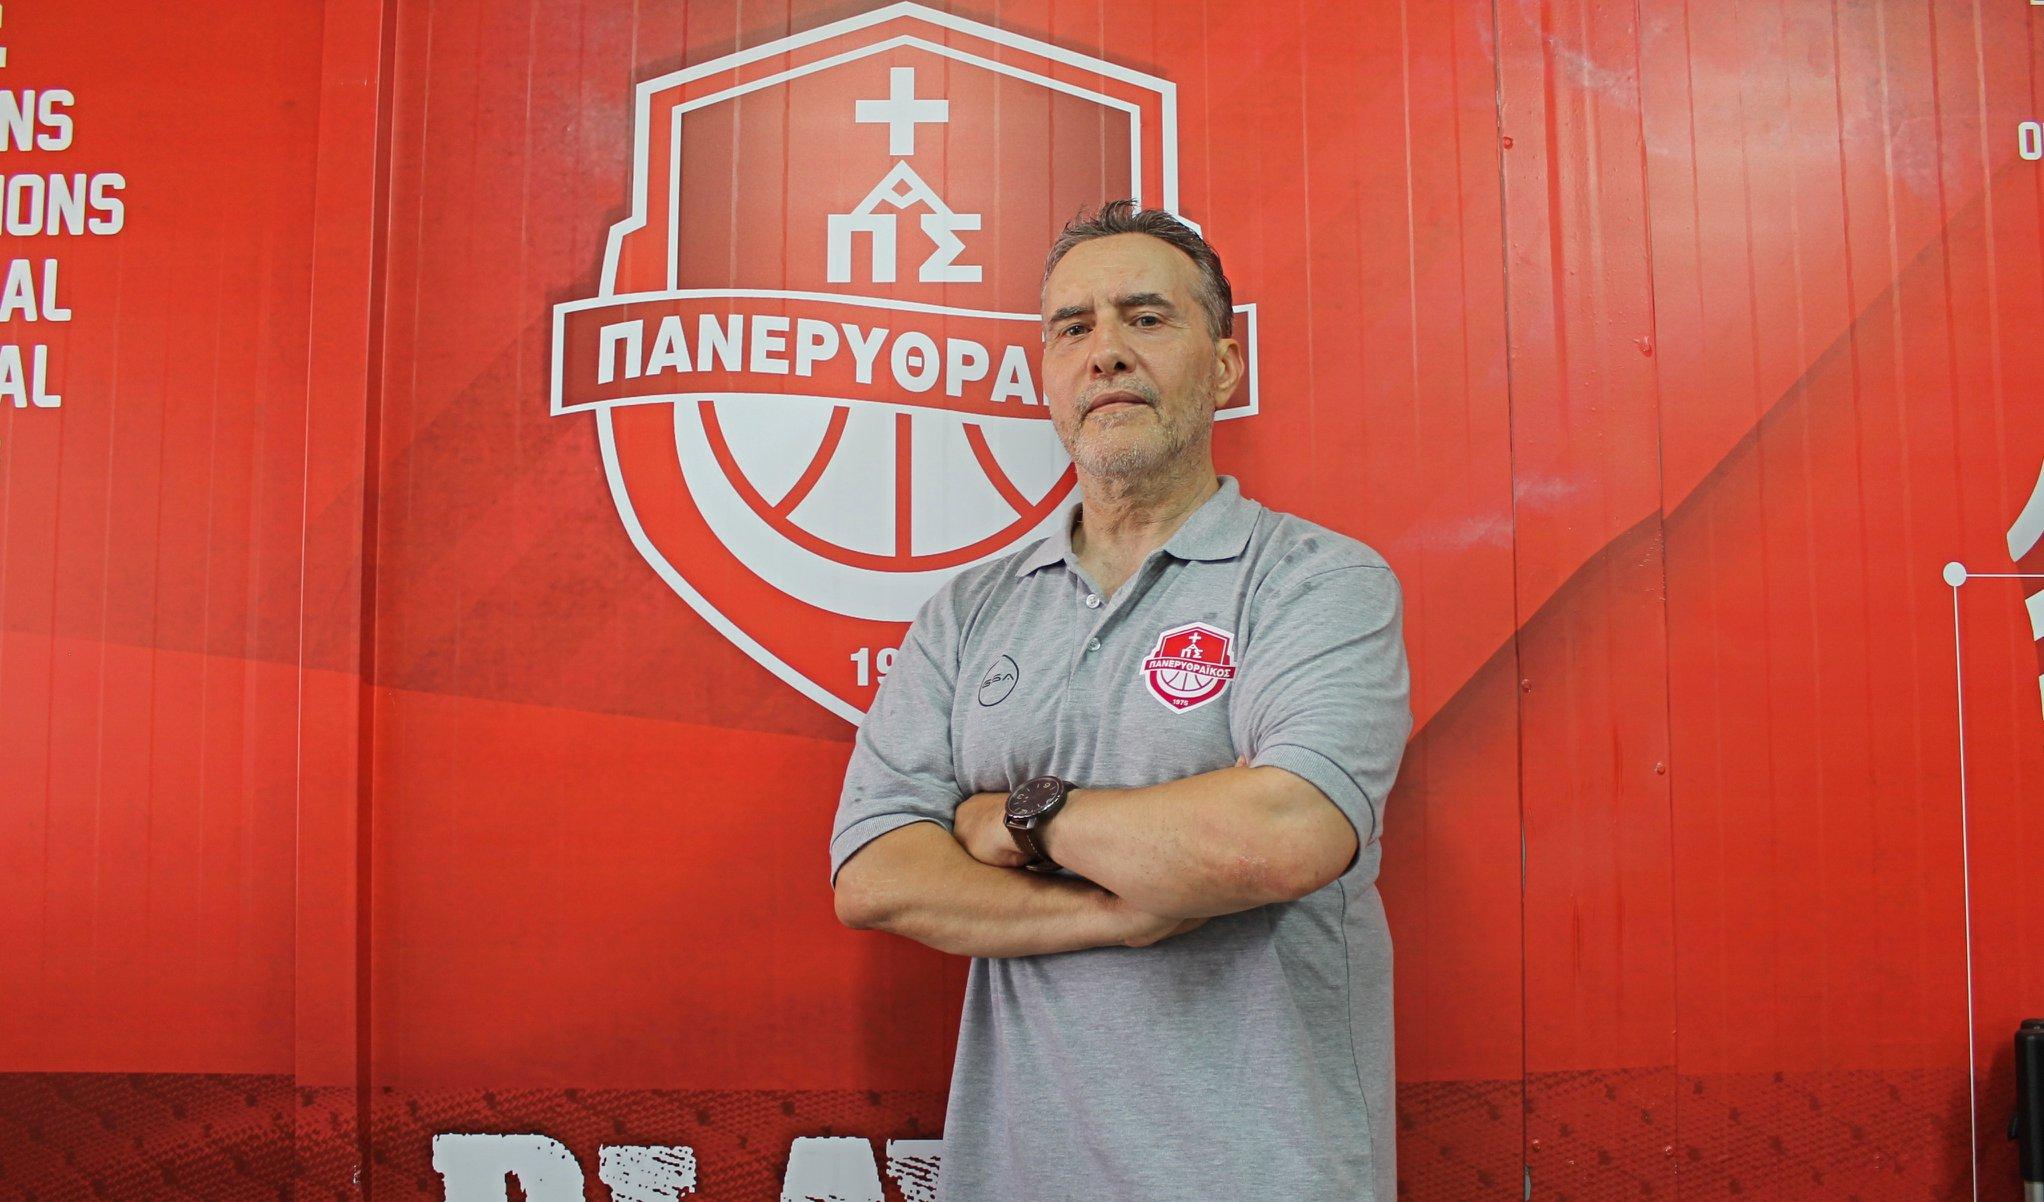 Πανερυθραϊκός: Νέος προπονητής του Εφηβικού ο Ασημακόπουλος!